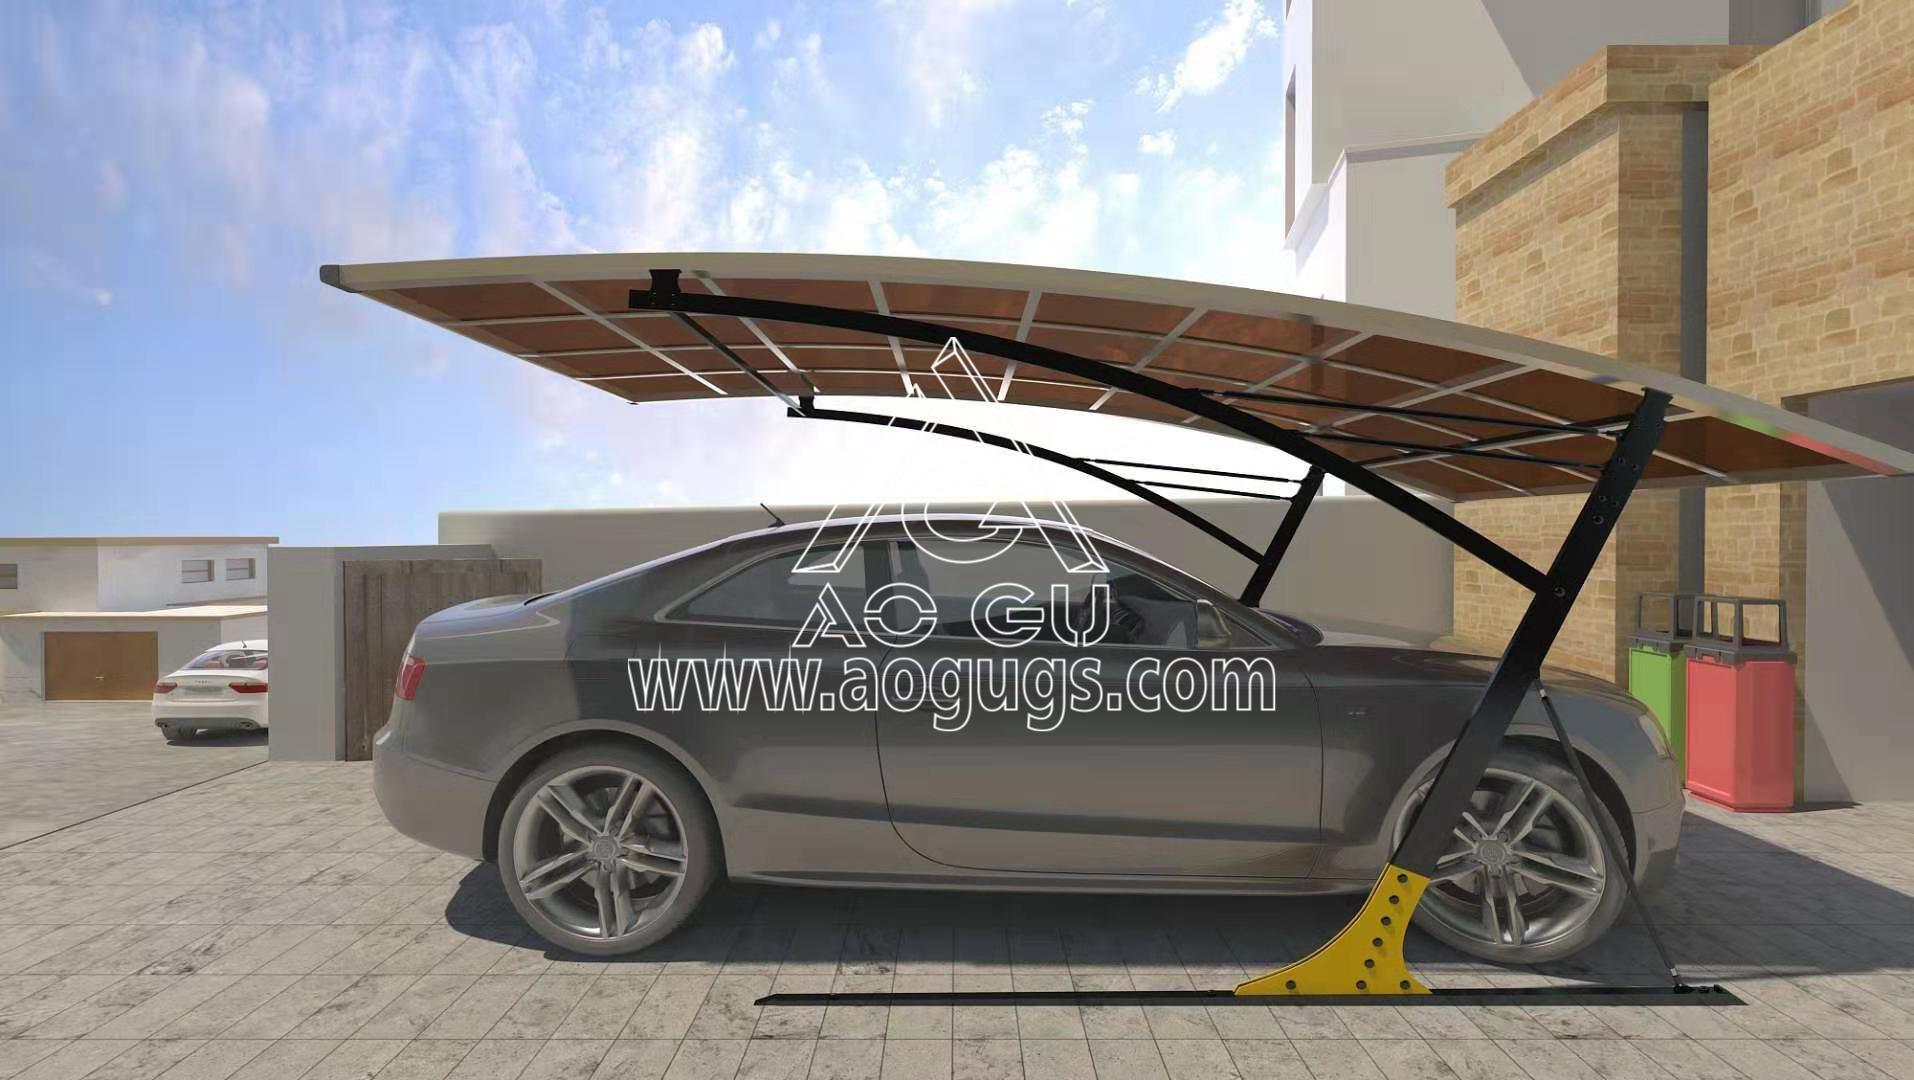 装配式车棚停车棚结构产品演示图4